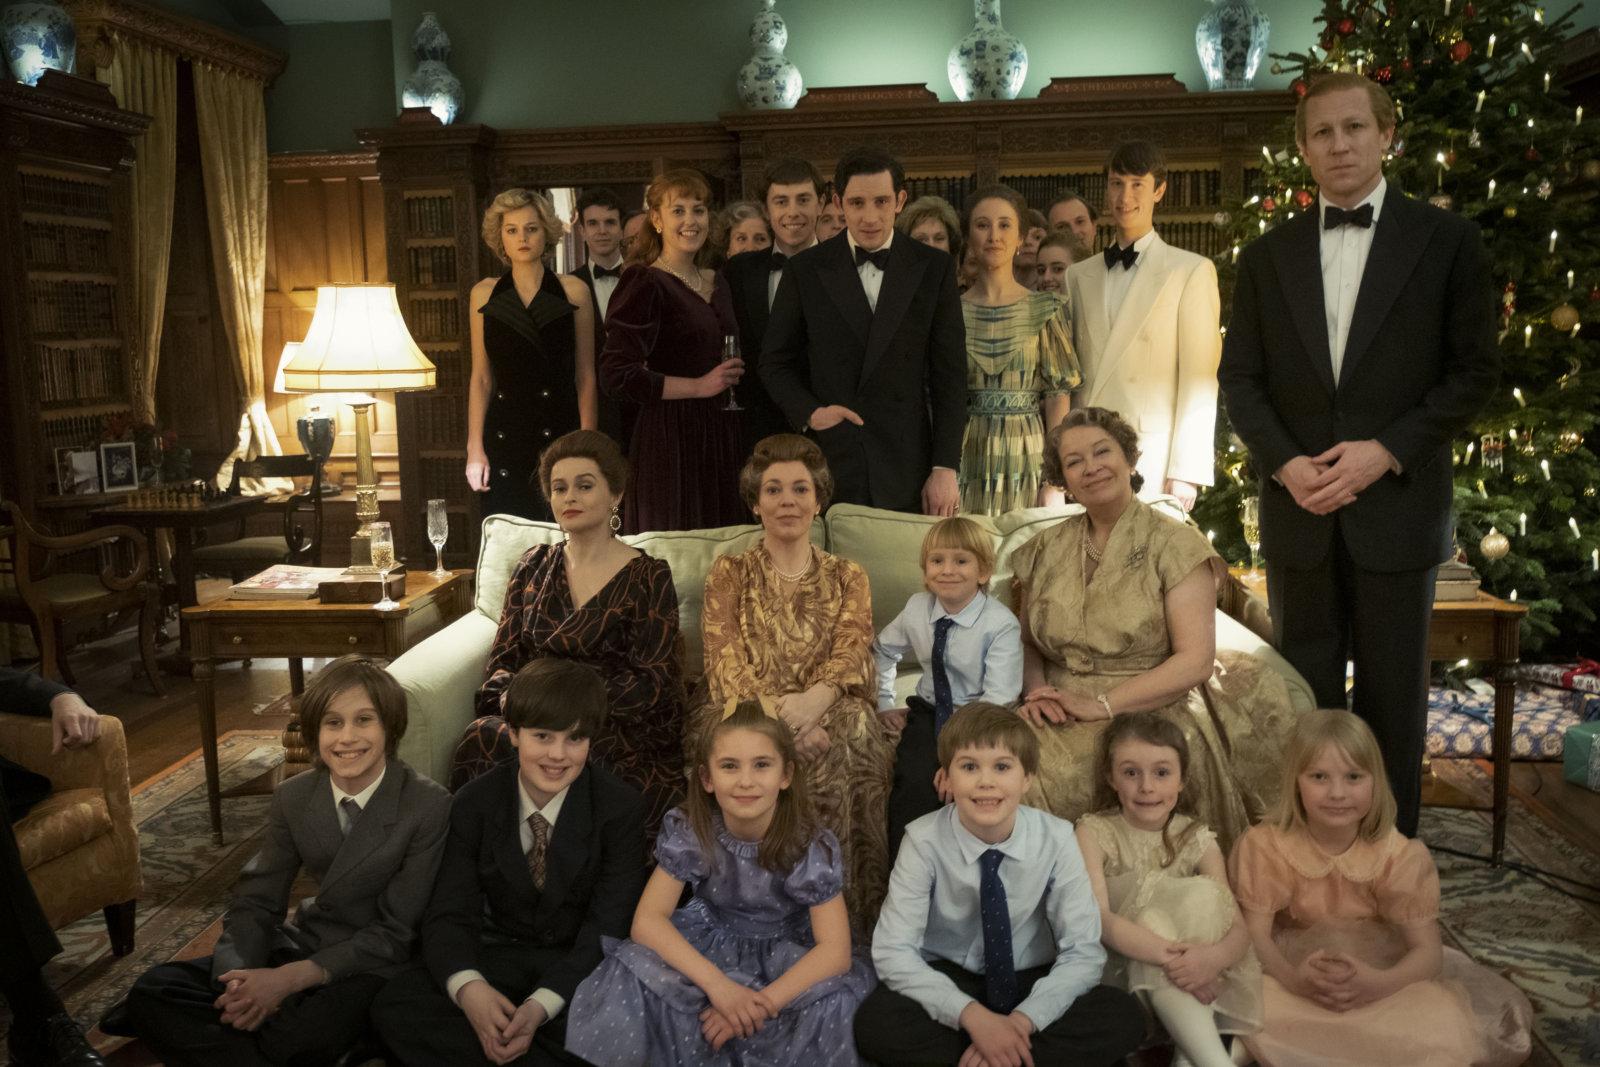 Foto Natale Famiglia Reale Inglese 1990.The Crown Quinta Stagione In Crisi Manca L Attore Che Interpretera Harry